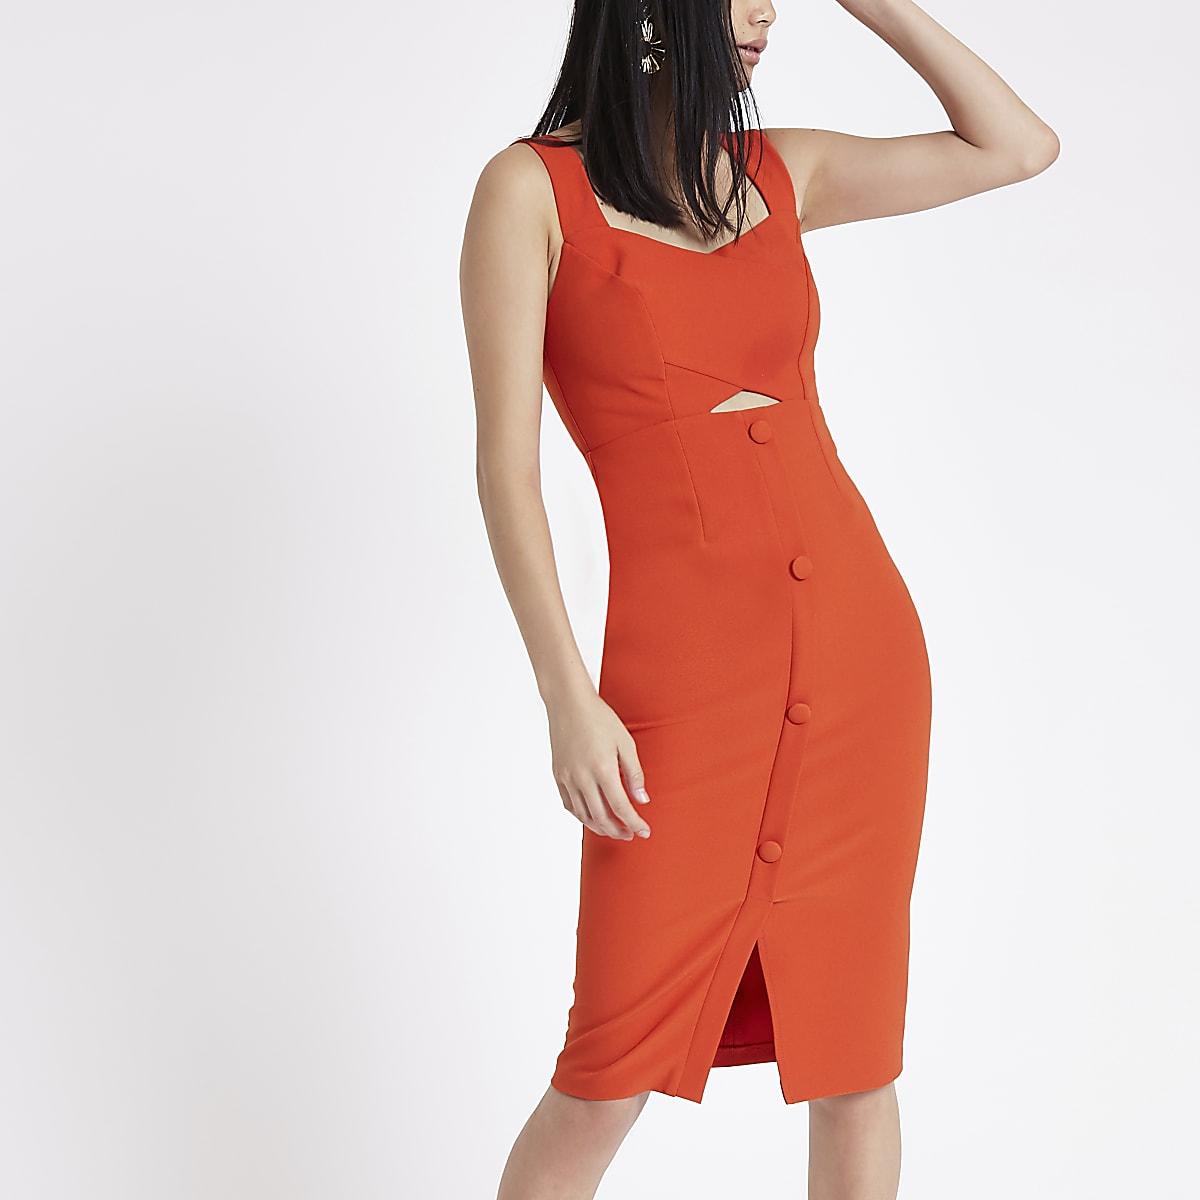 Oranje halflange bodyconjurk met knopen voor